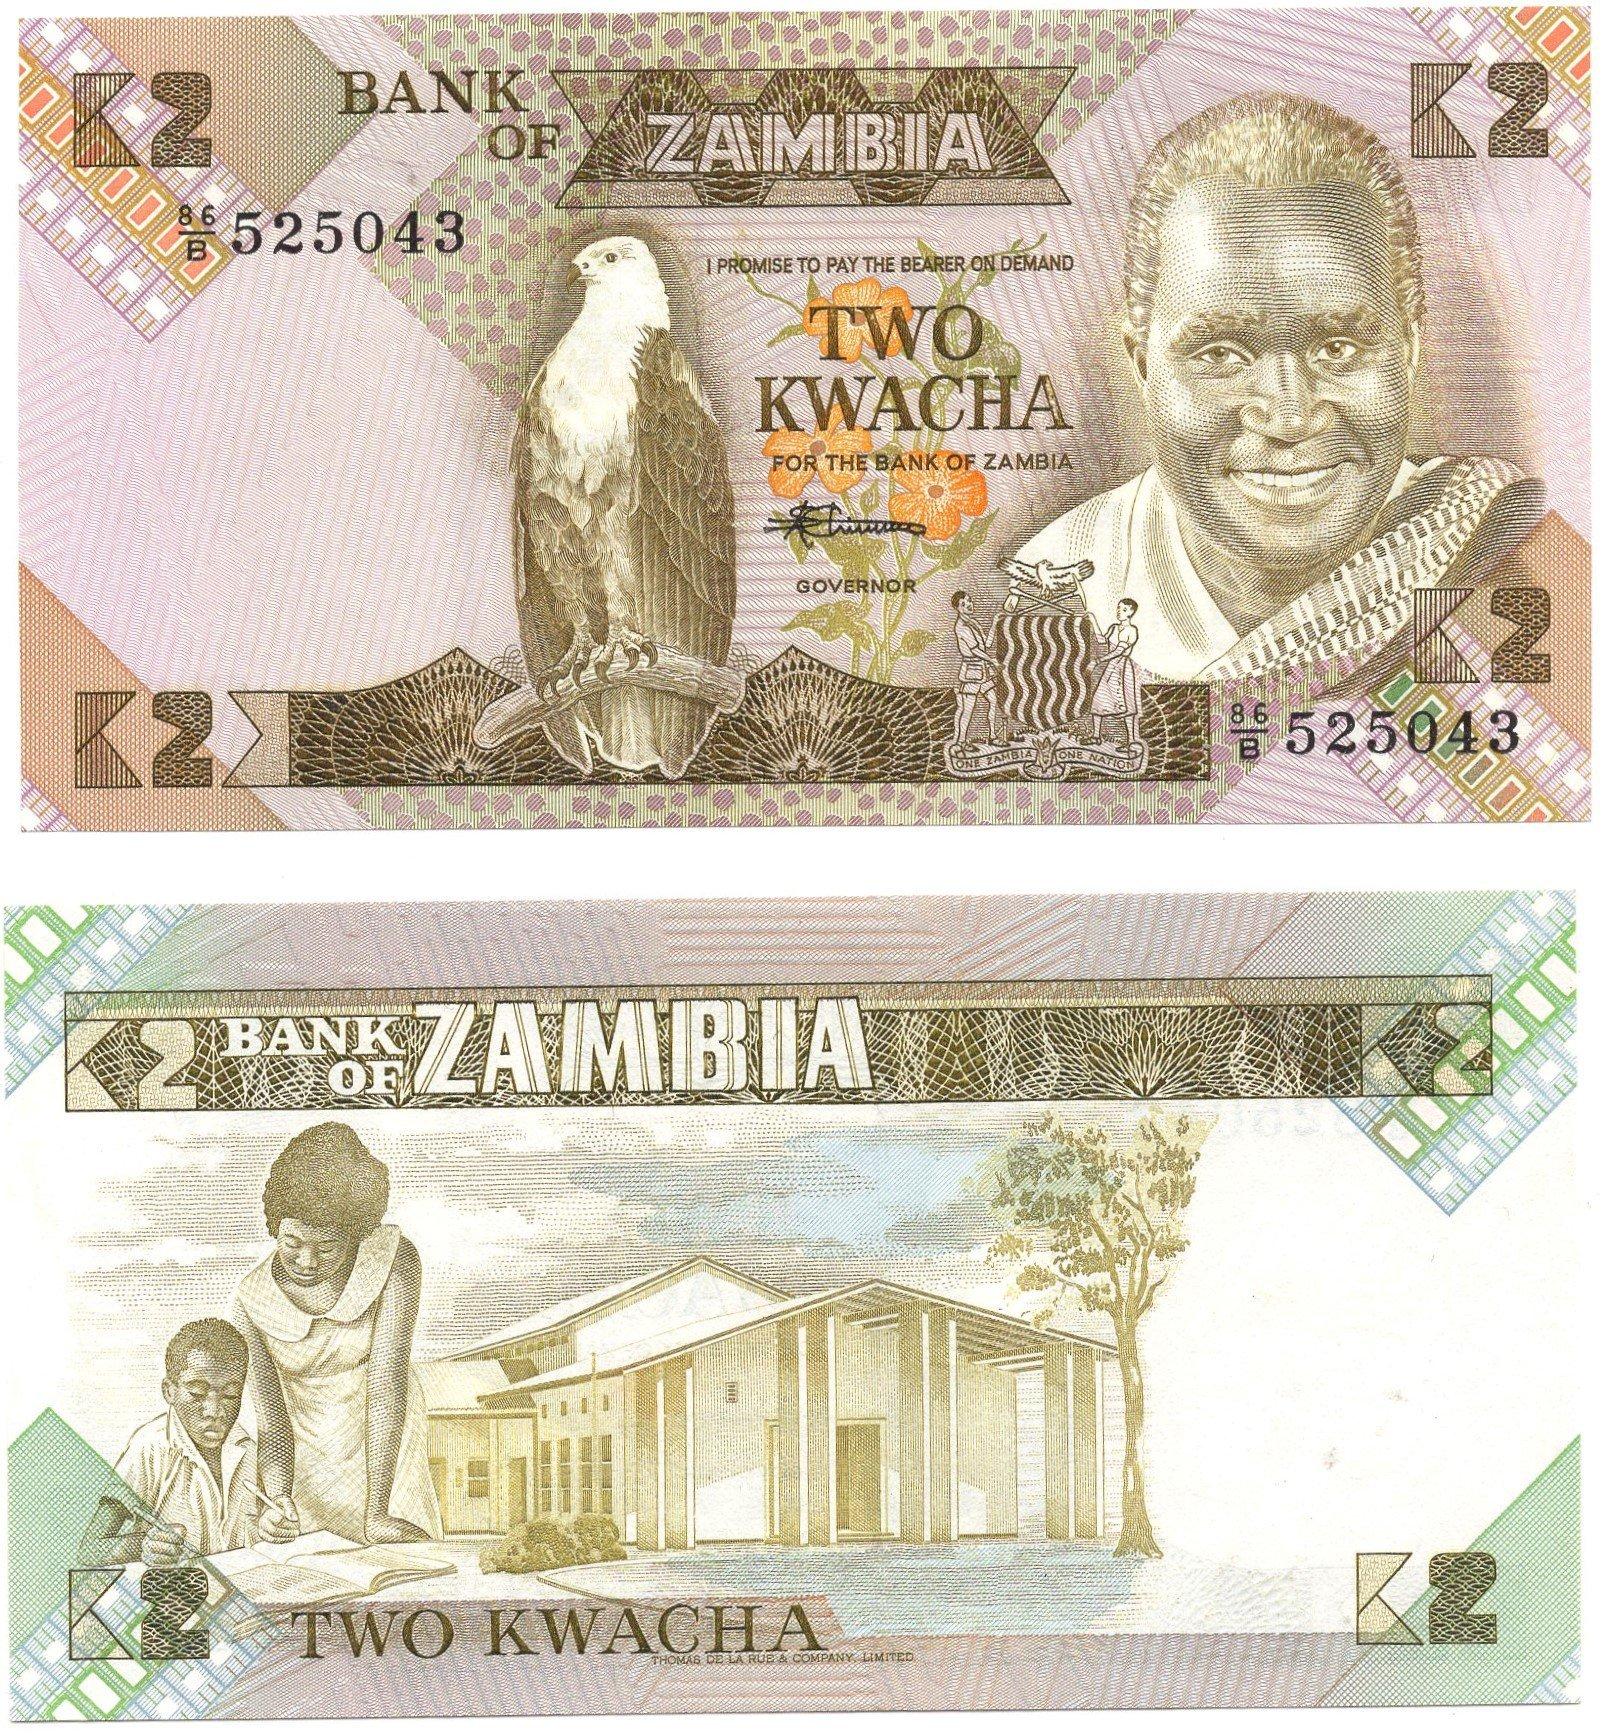 Zambia 2 kwacha banknote for sale